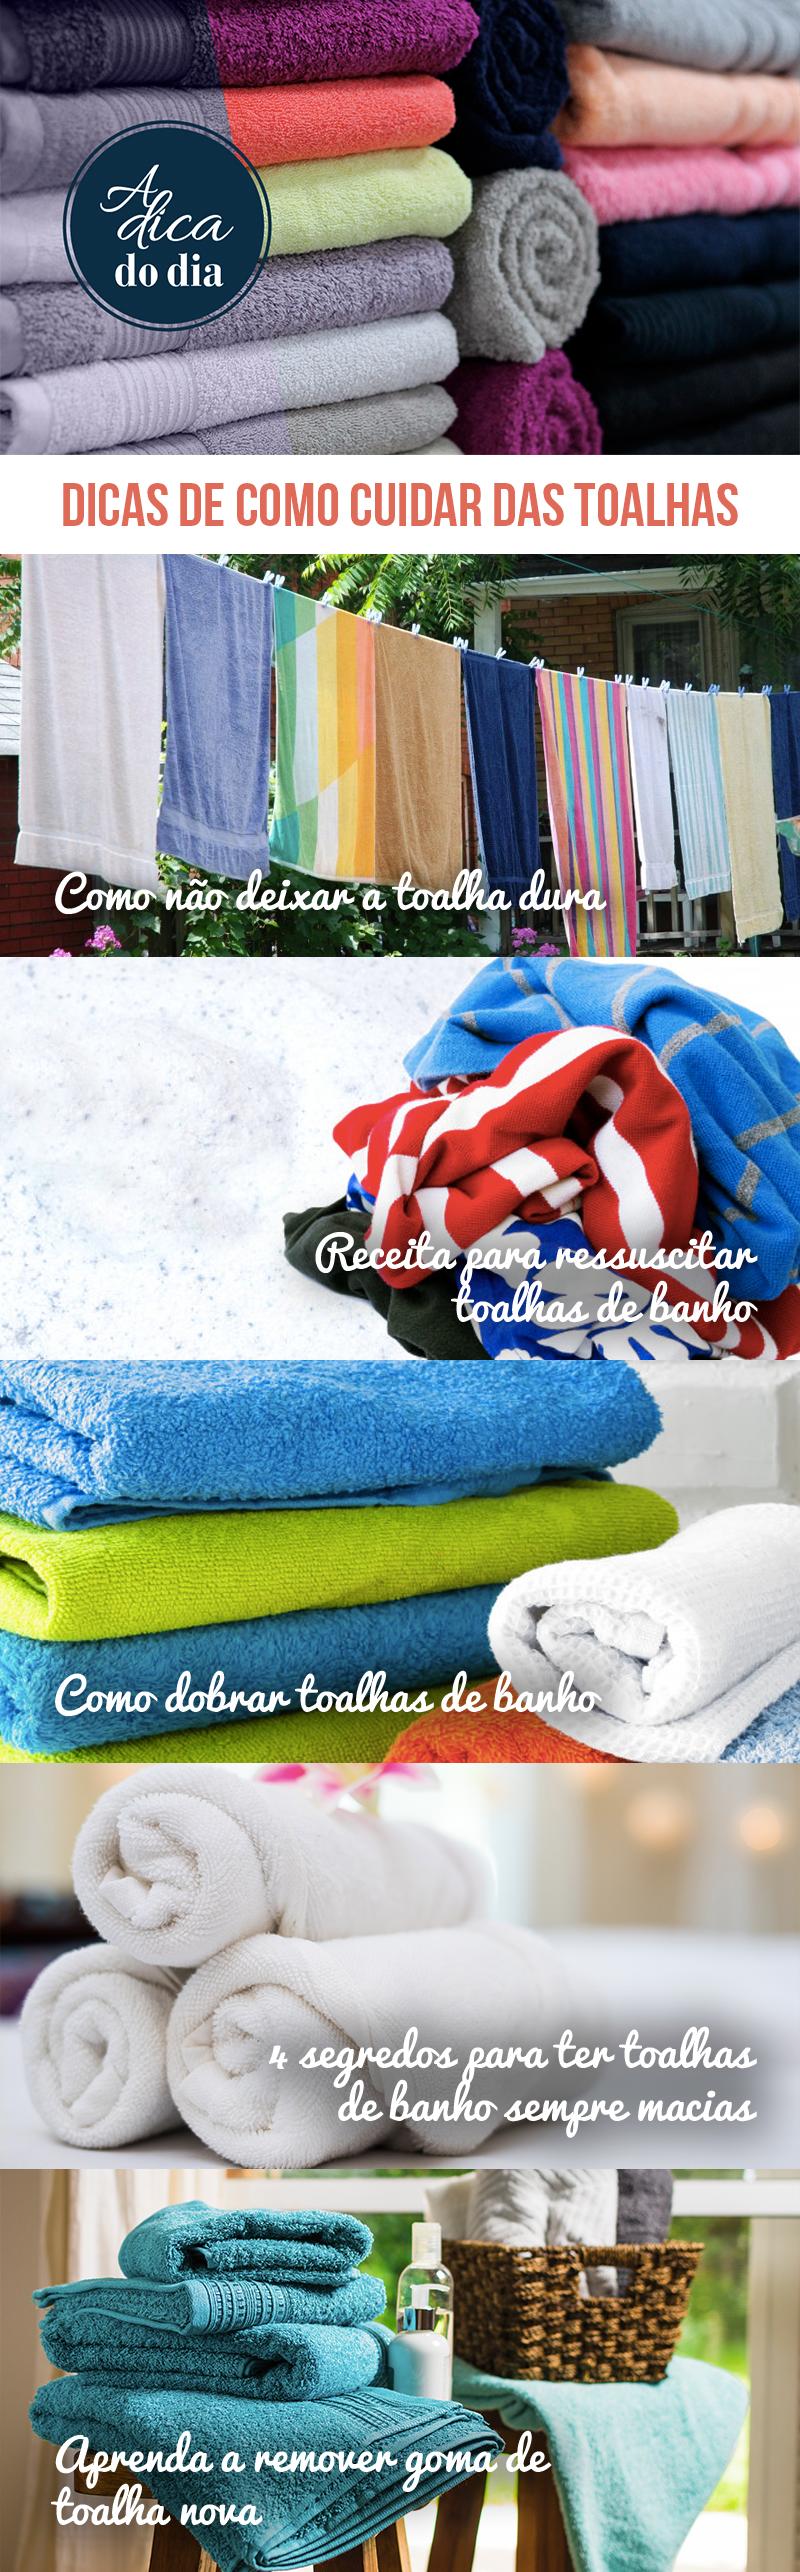 Dicas de como cuidar das toalhas Flávia Ferrari